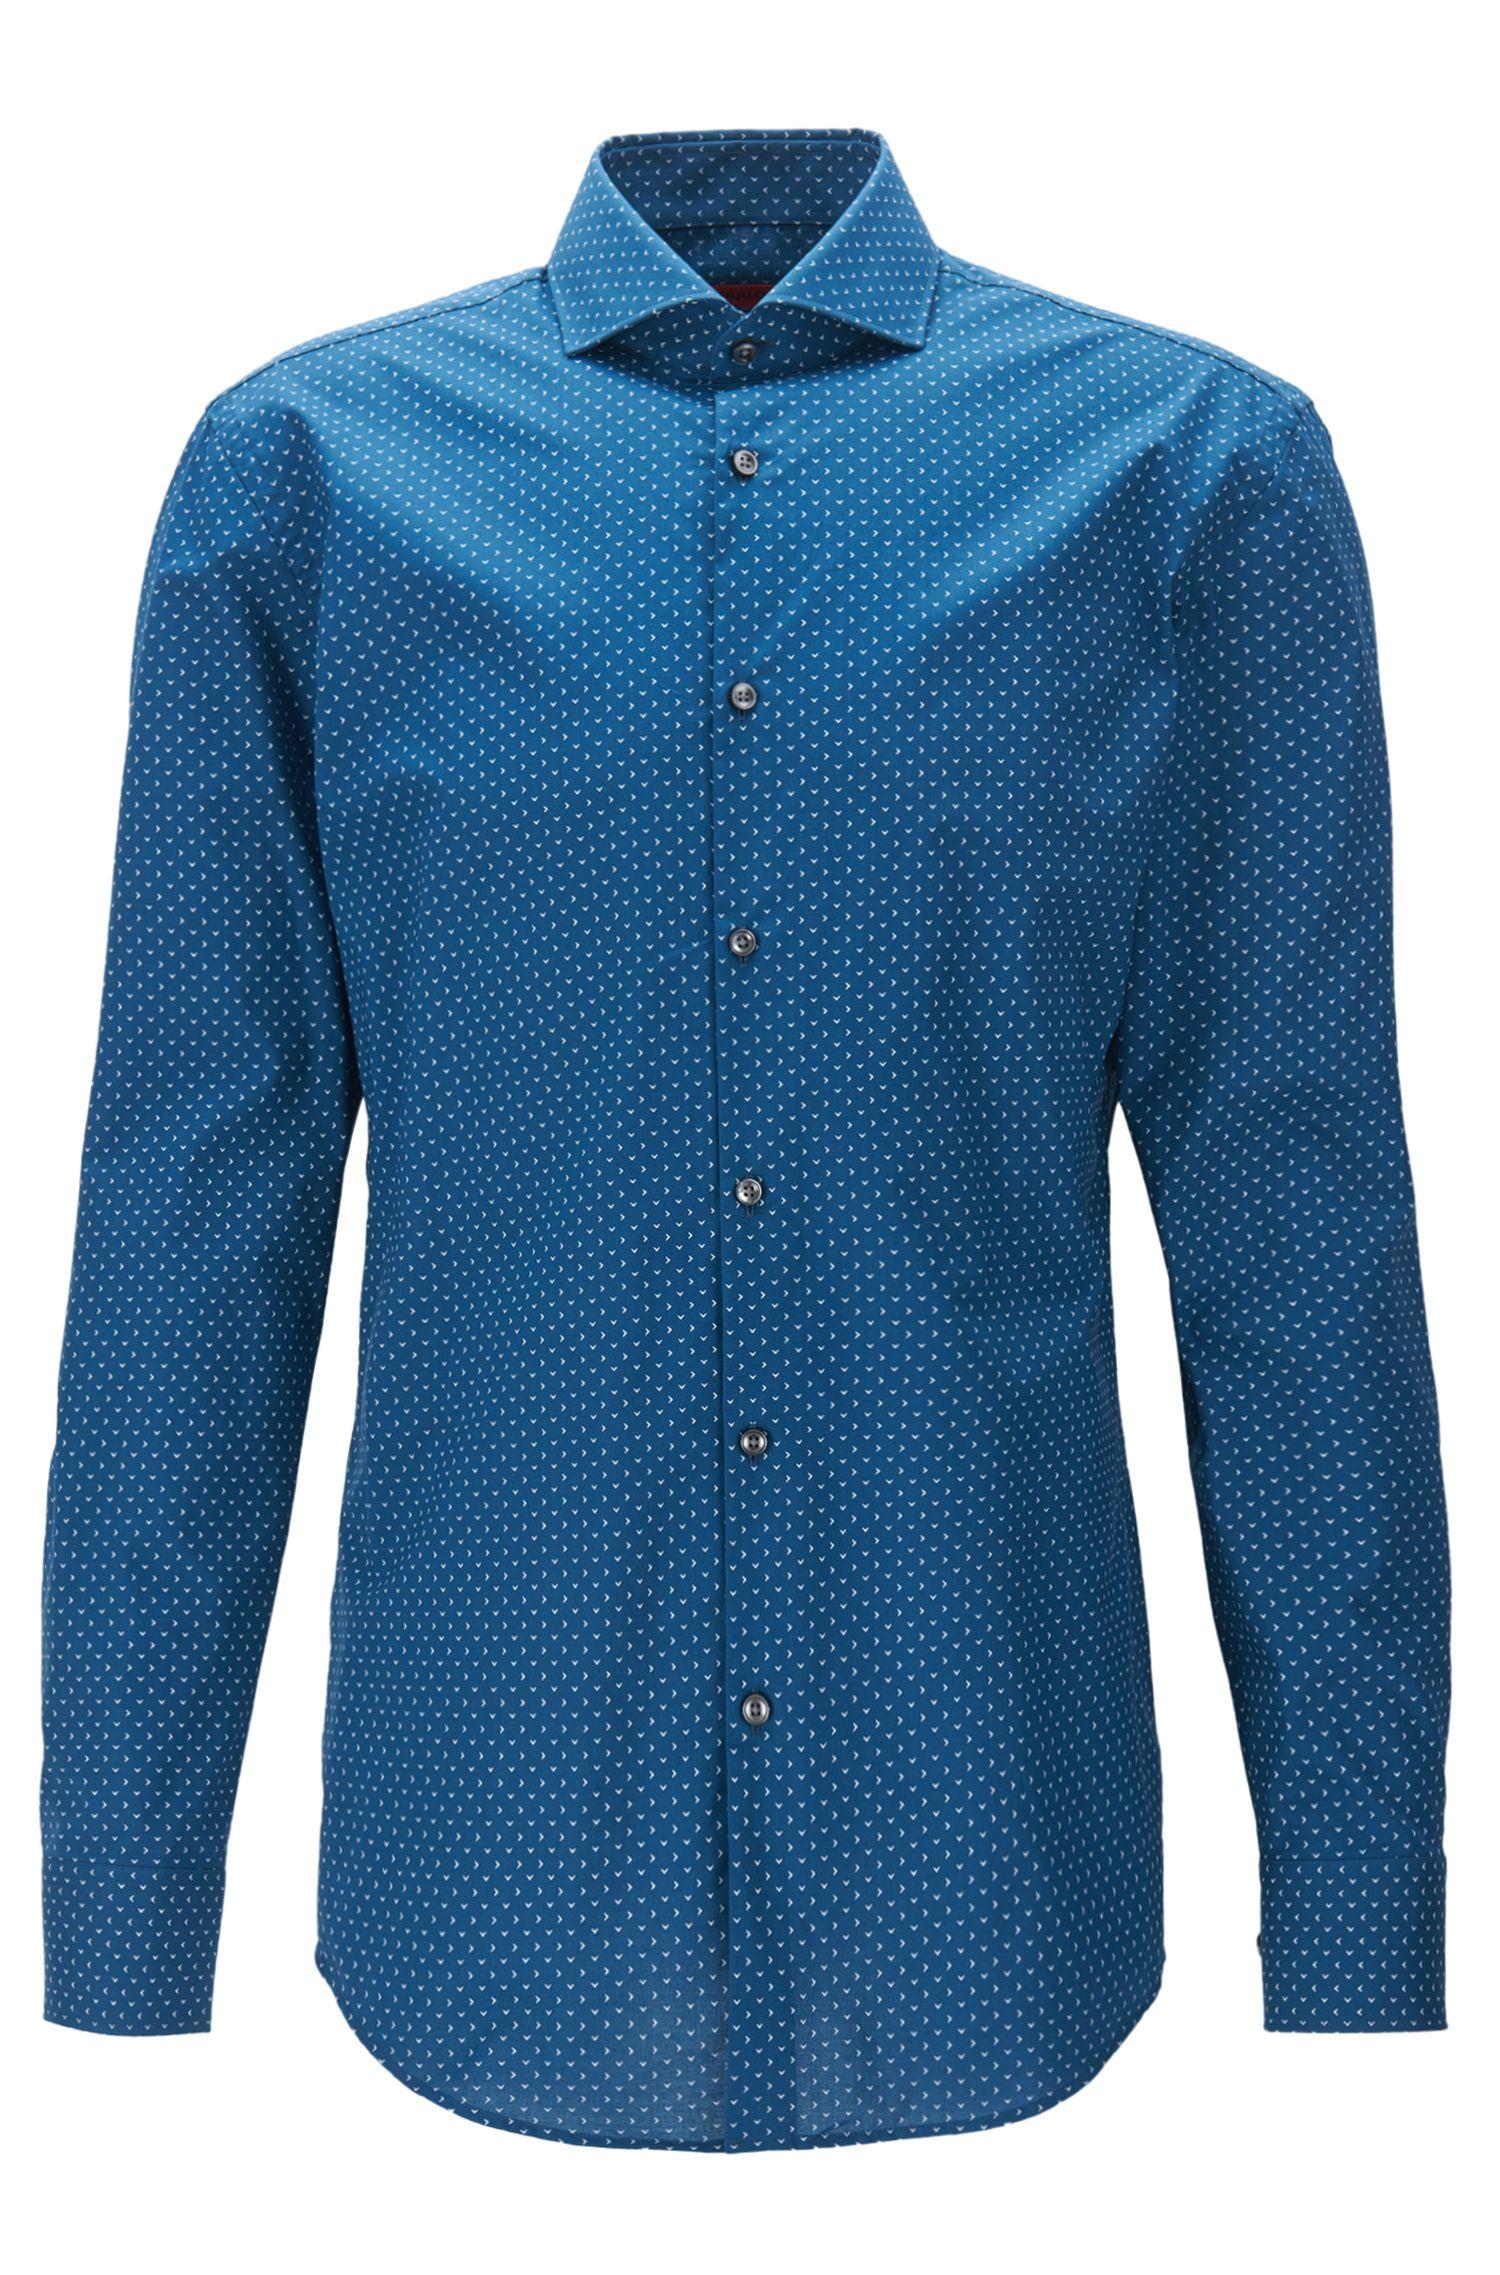 Bedrucktes Slim-Fit-Hemd aus Baumwolle